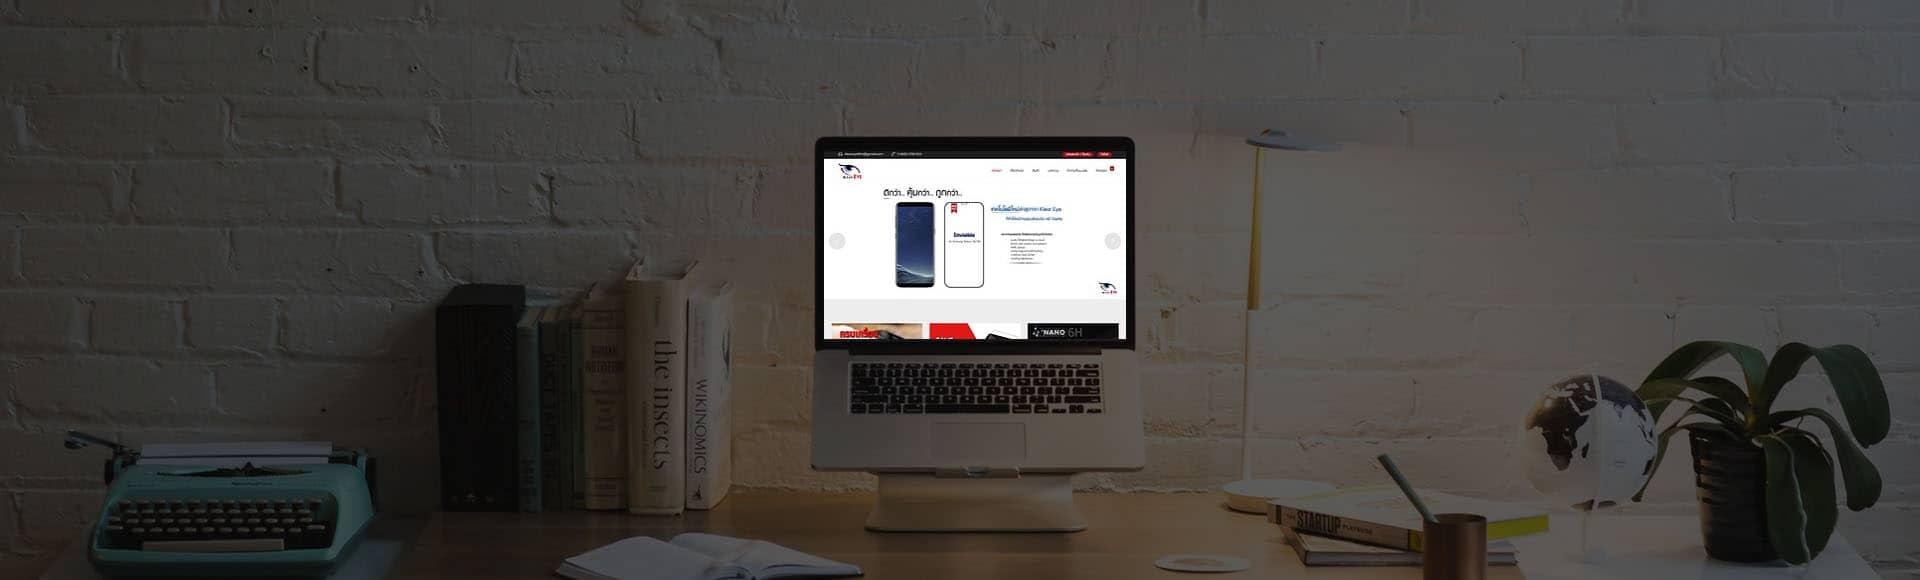 ผลงานทำเว็บไซต์ E-commerce ขายฟิล์มกันรอย   รับทำเว็บไซต์ e-commerce